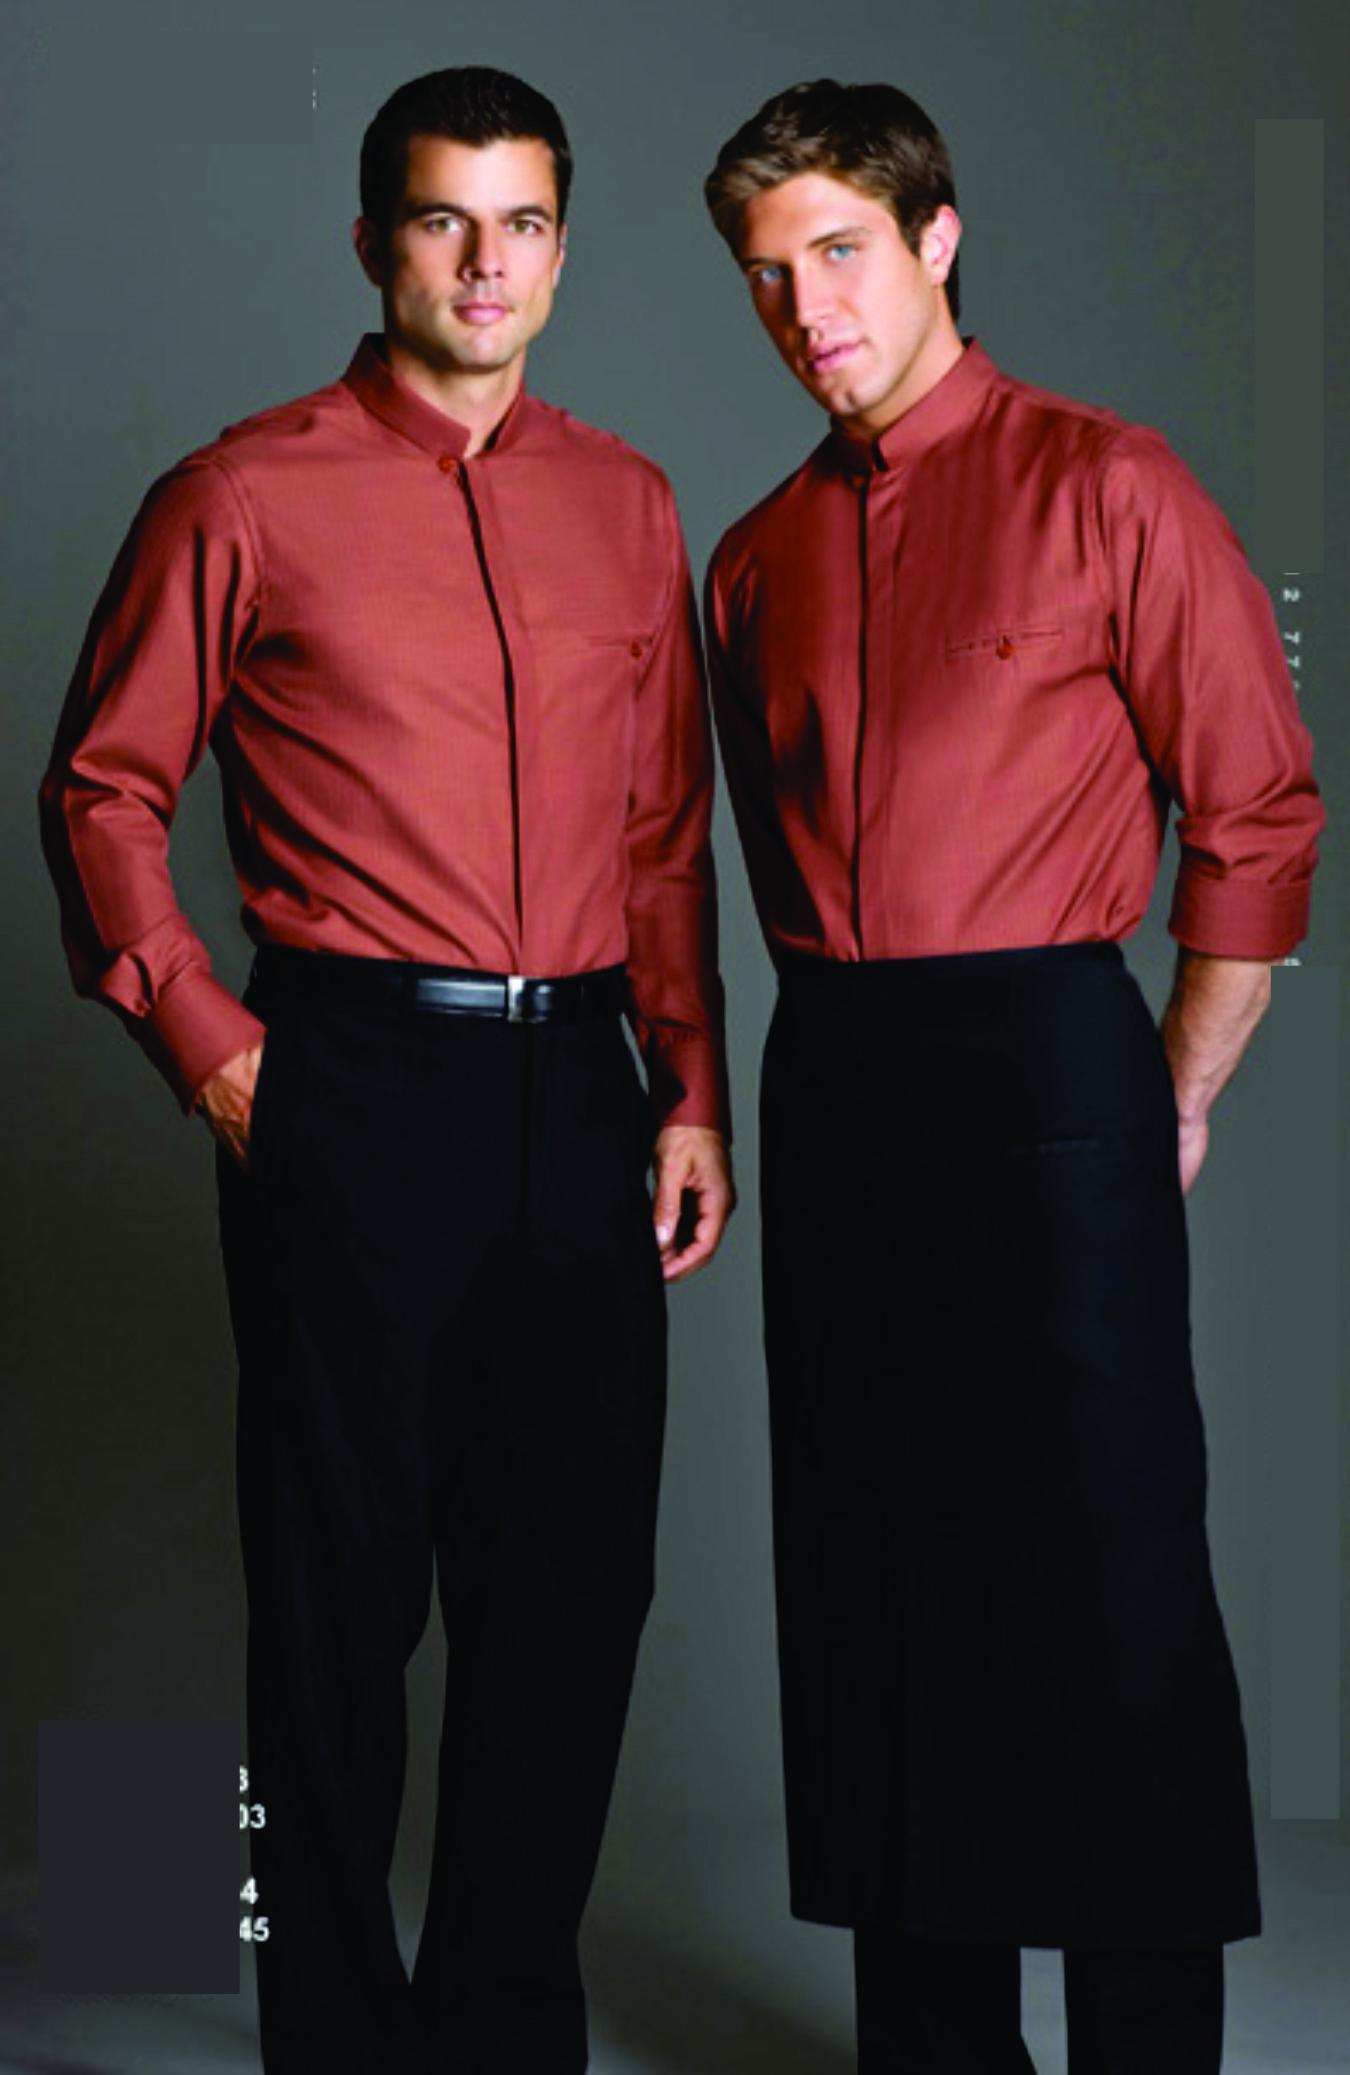 Server Uniforms 01